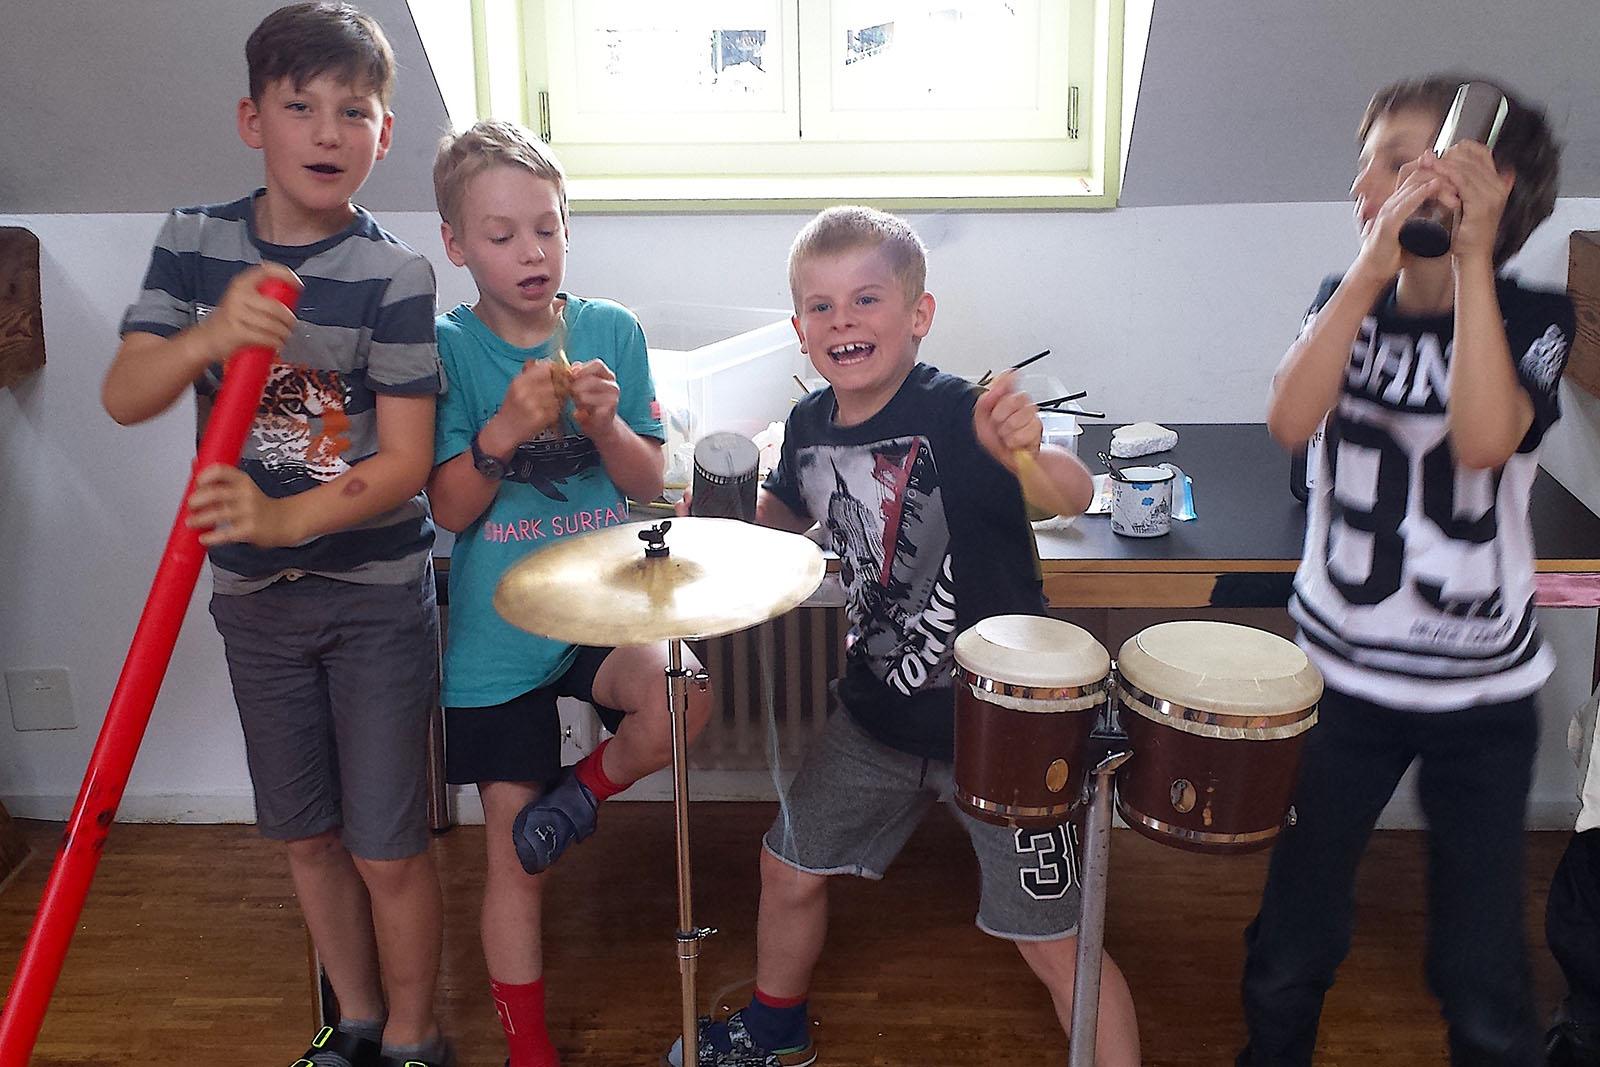 Mit verschiedenen Instrumenten und viel Energie experimentieren die Kinder